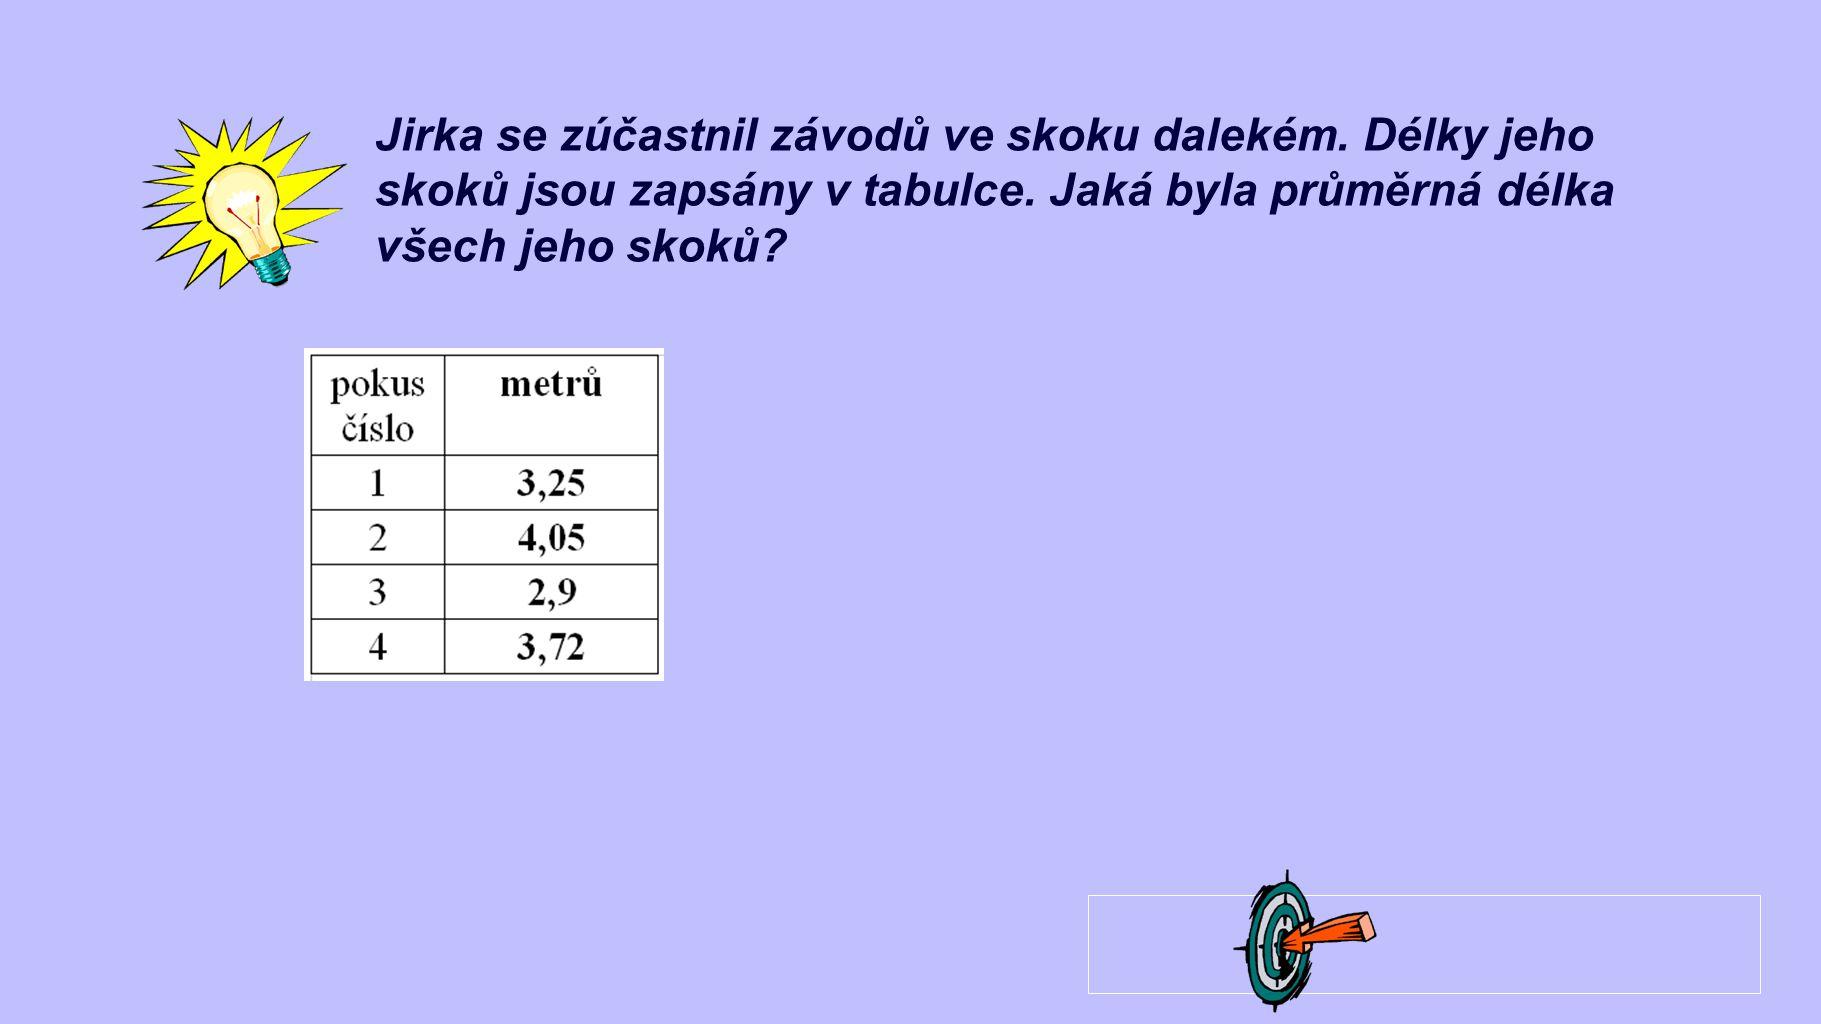 Jirka se zúčastnil závodů ve skoku dalekém. Délky jeho skoků jsou zapsány v tabulce. Jaká byla průměrná délka všech jeho skoků? (3,25 + 4,05 + 2,9 + 3